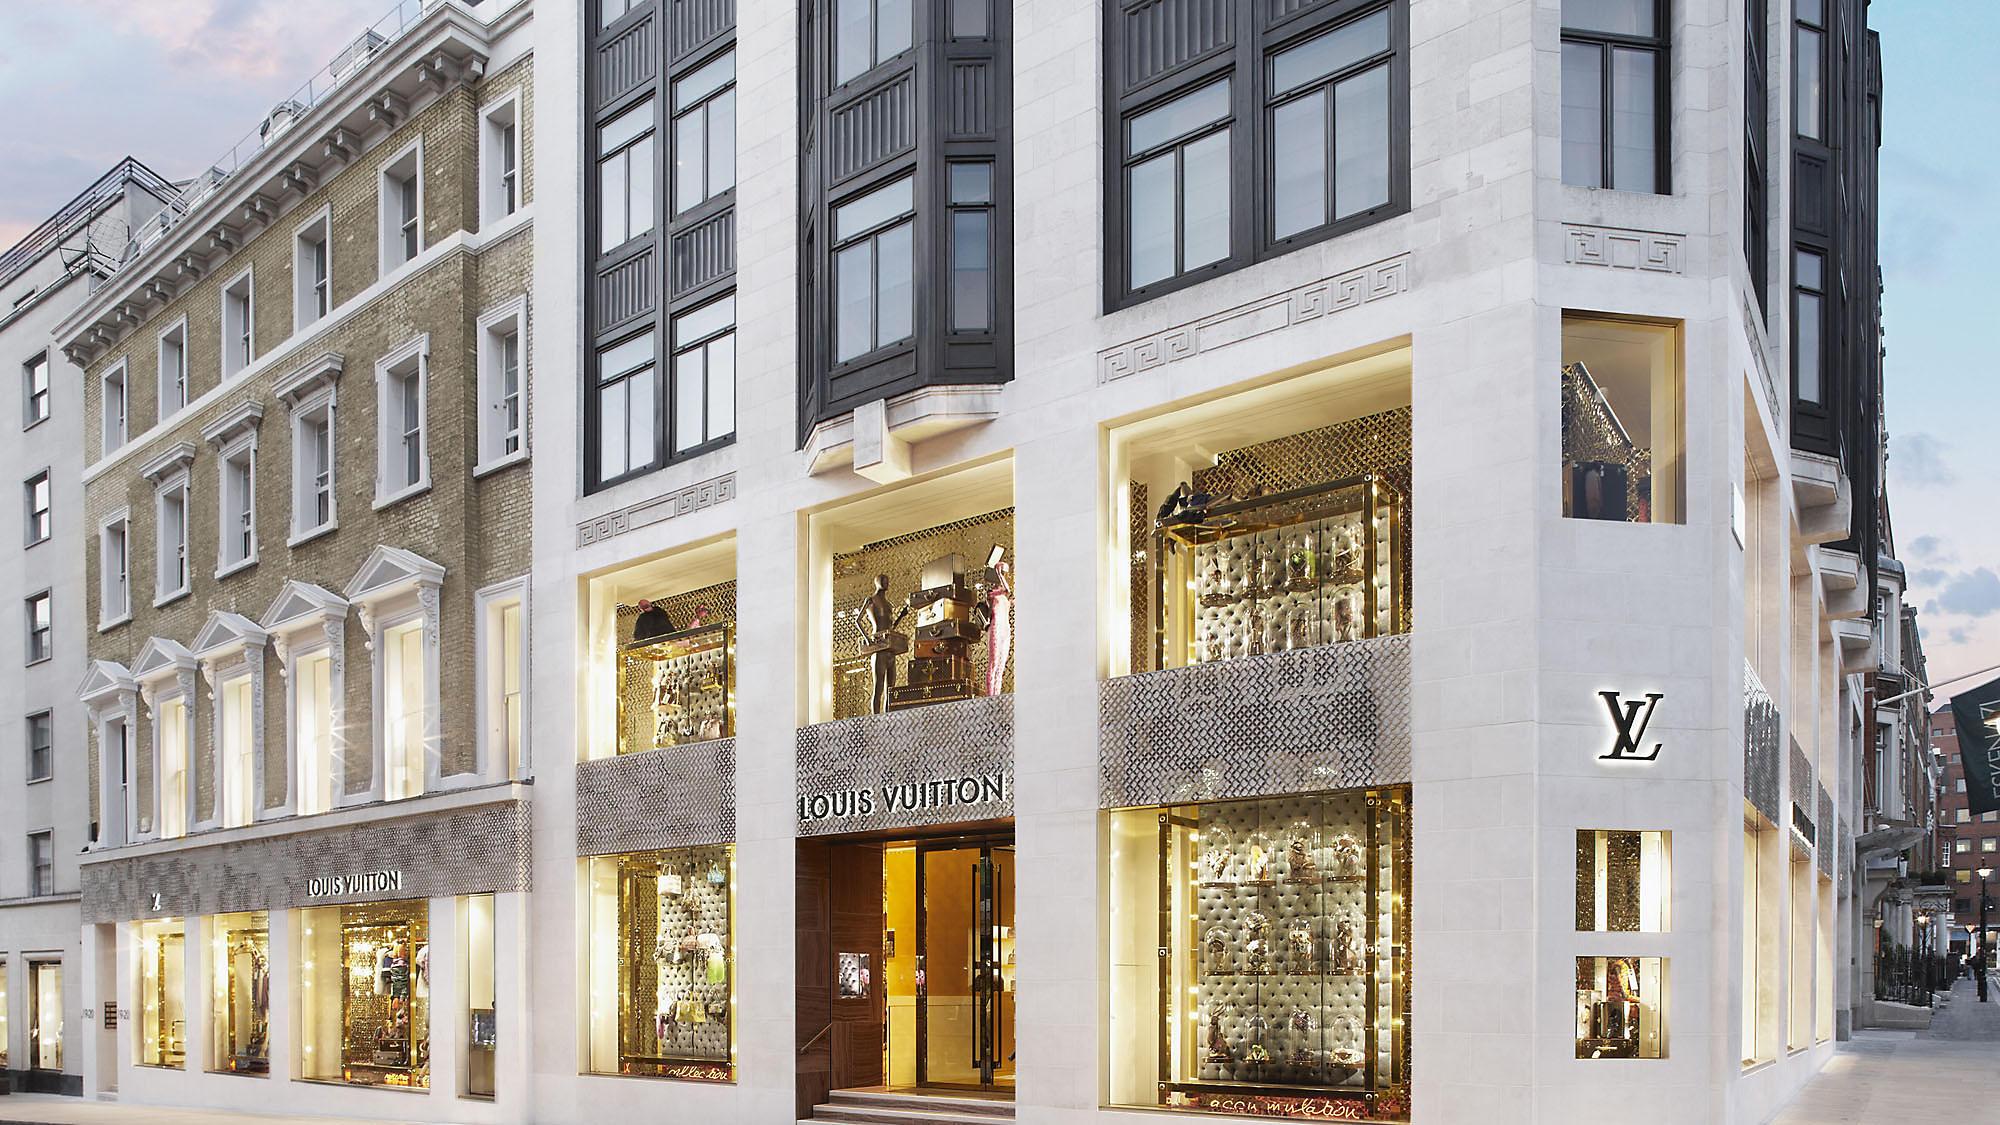 Louis Vuitton on New Bond Street, London